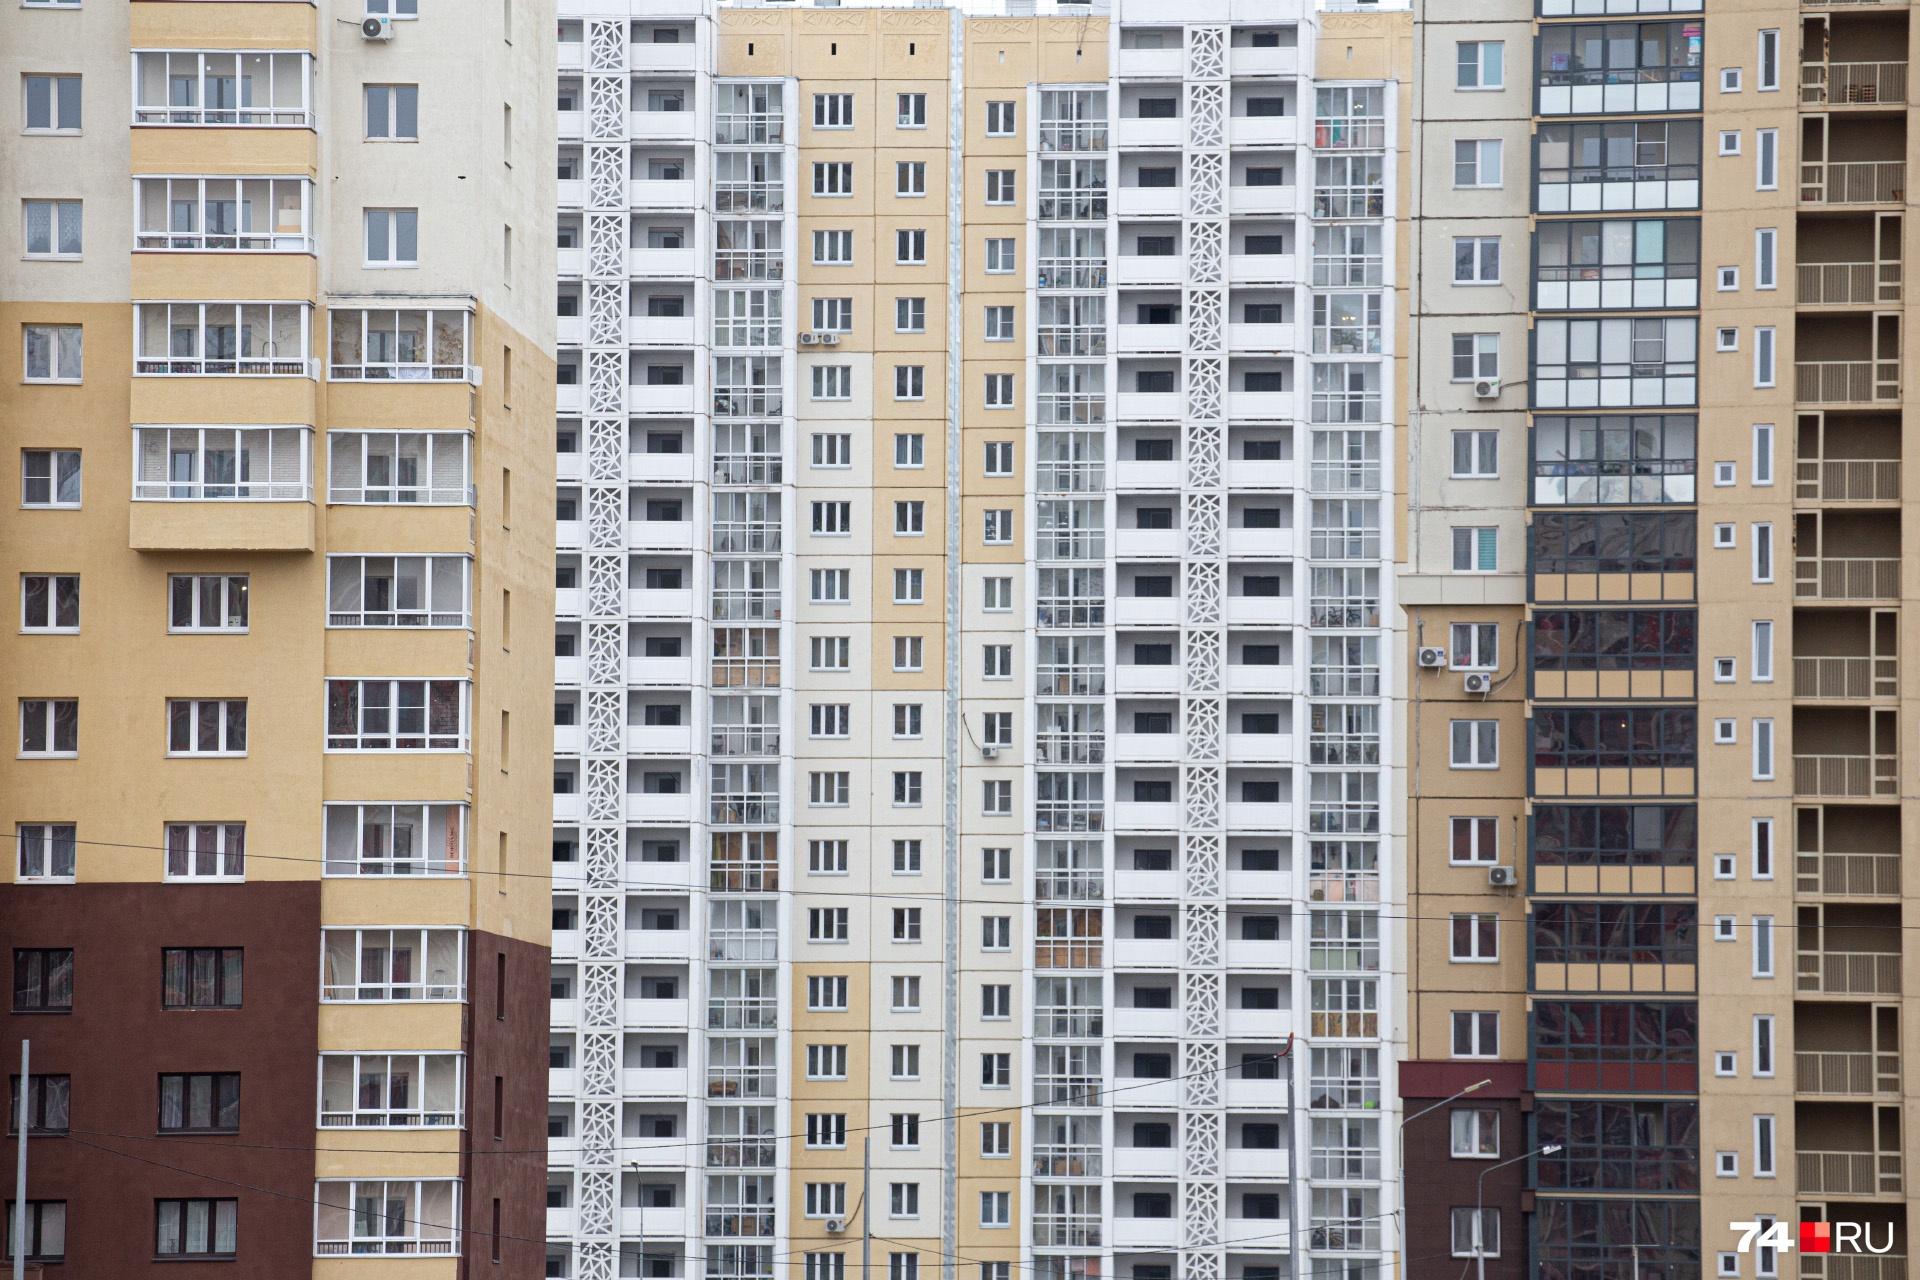 Дешёвая ипотека сместила спрос на новостройки